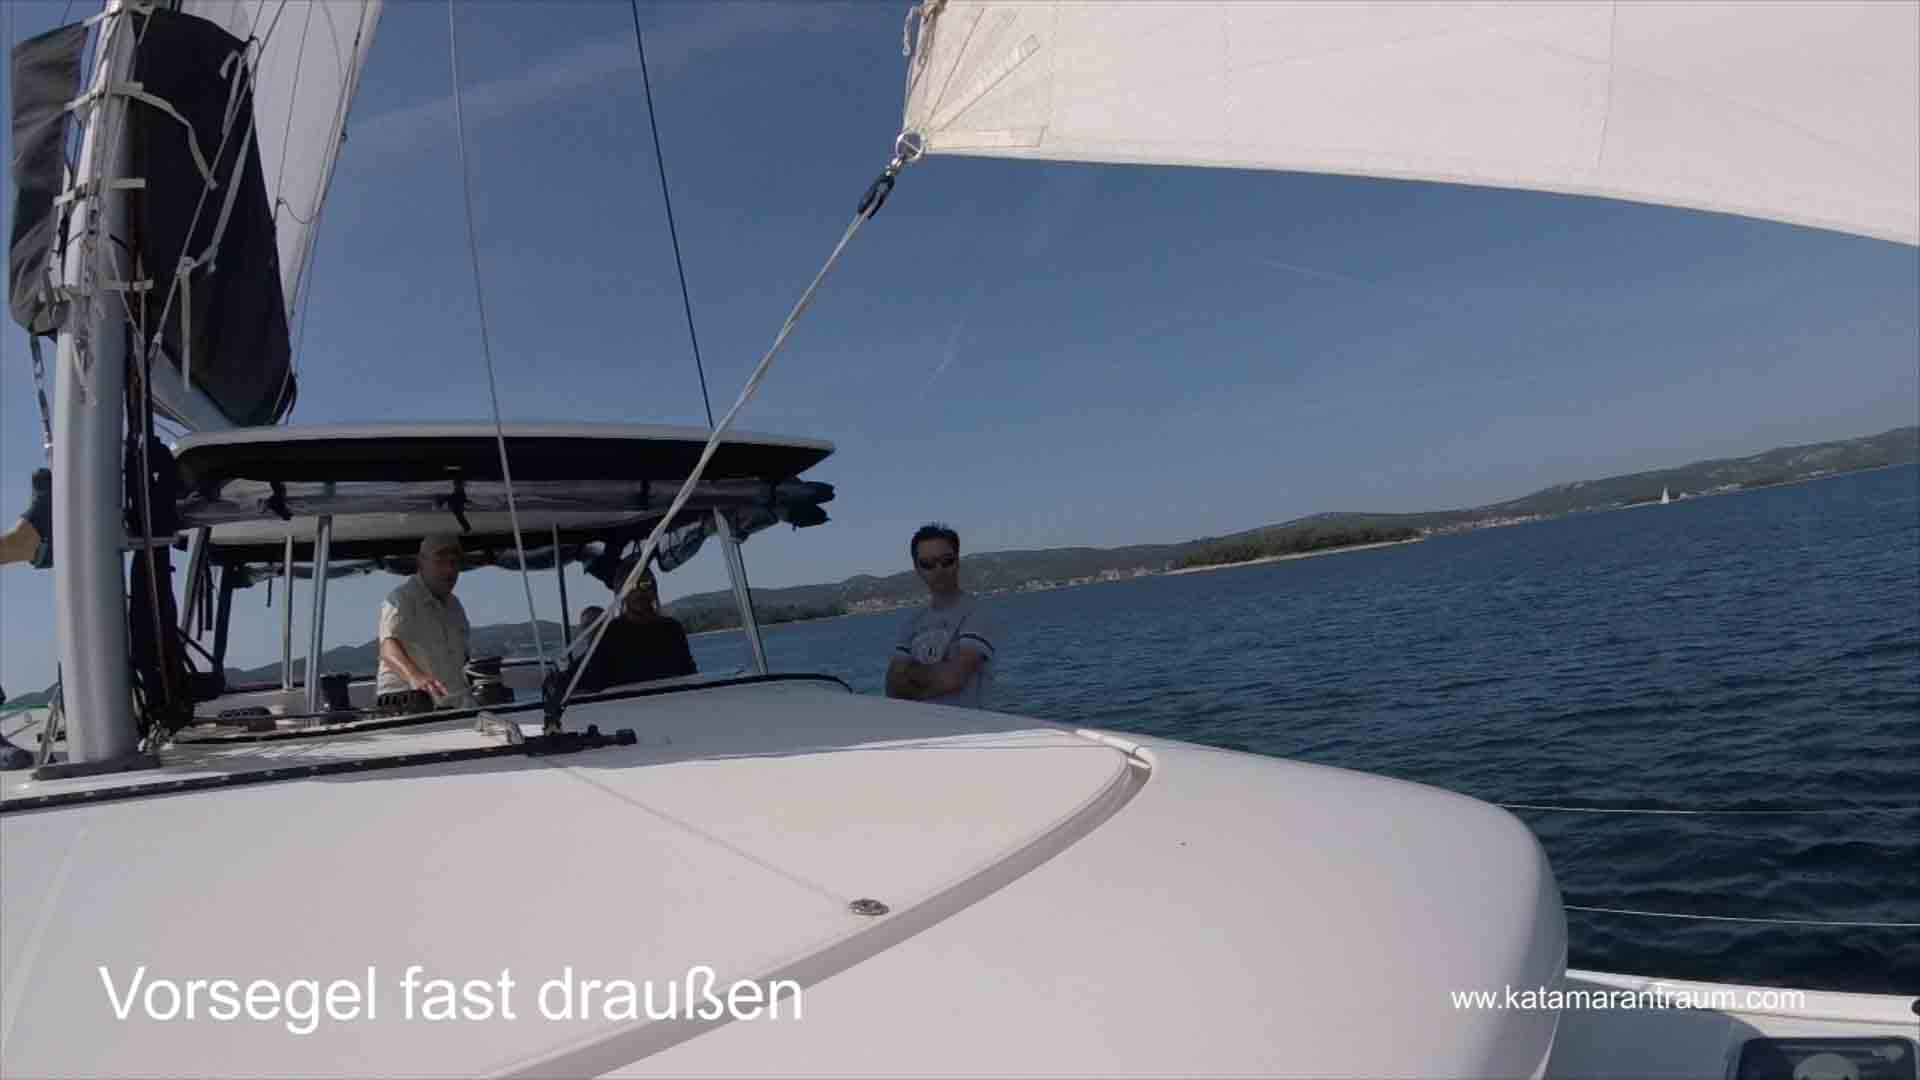 Katamaran Skipper Training: Vorsegel wird jetzt getimmt